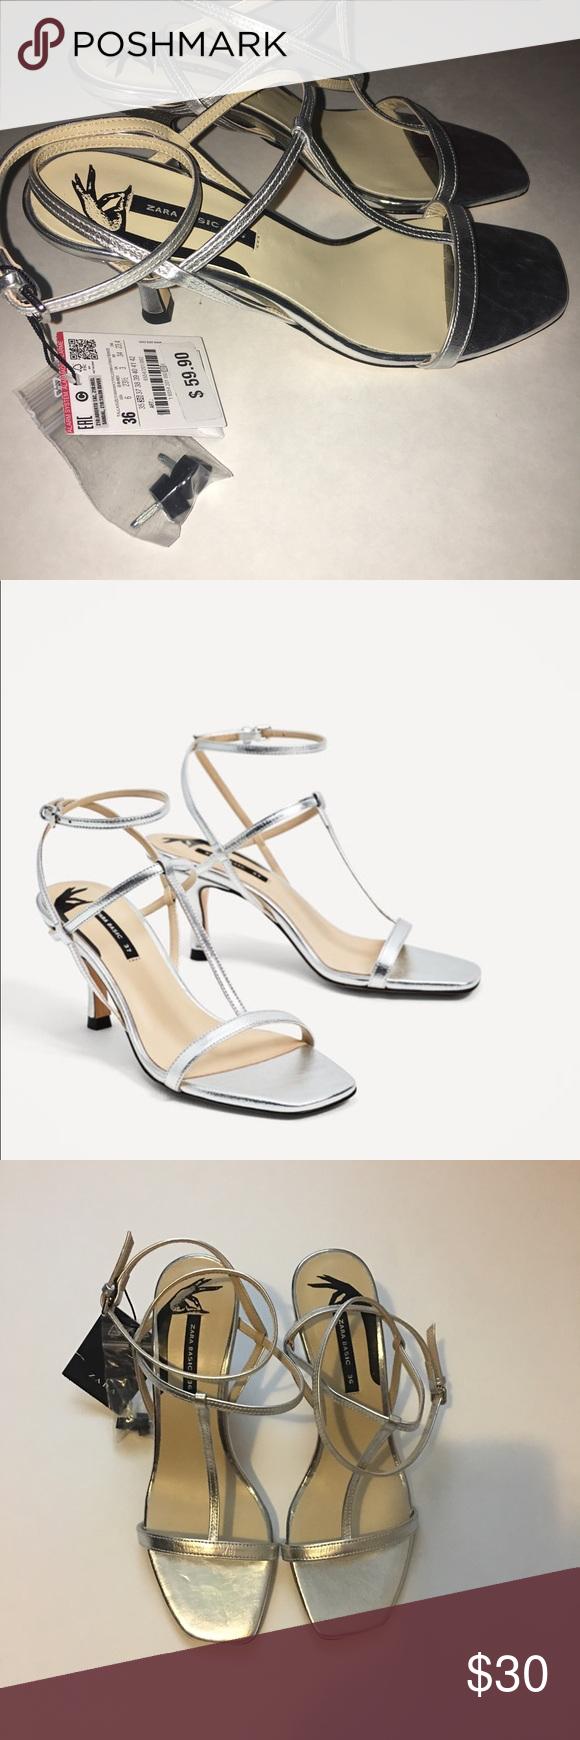 Zara Silver Kitten Heel T Strap Sandal Silver Kitten Heels Heels T Strap Sandals